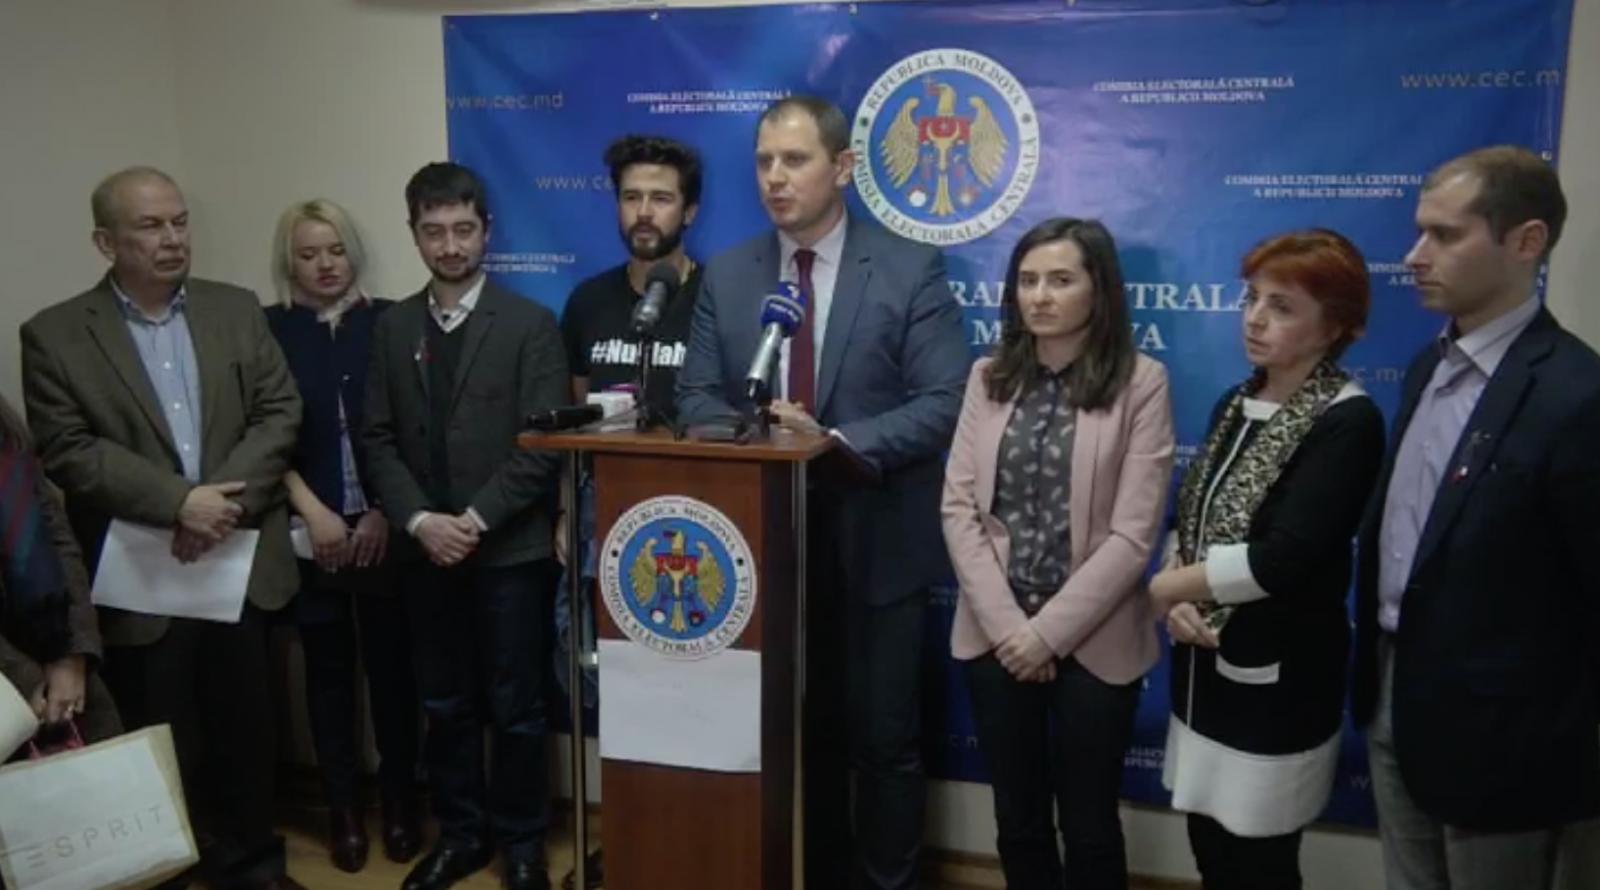 (video) Declarațiile grupului de inițiativă, după decizia CEC de a respinge cererea de înregistrare